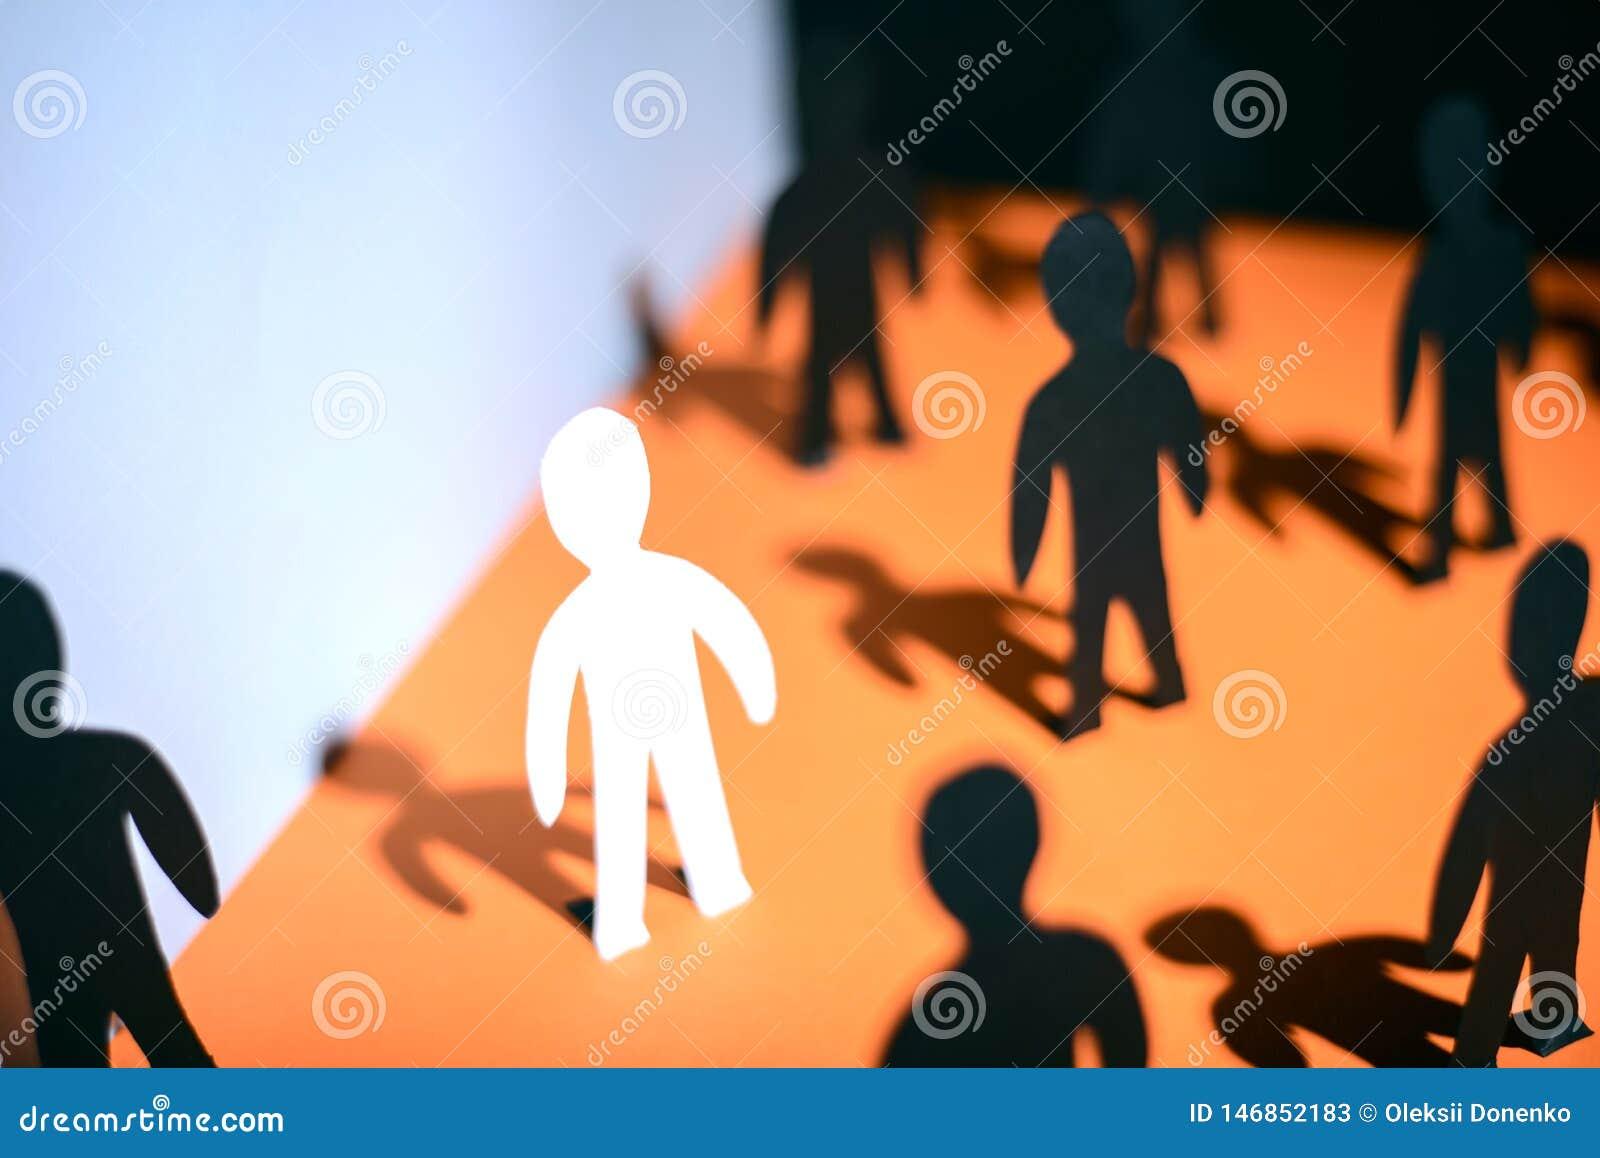 Unicidade e individualidade O conceito dos povos de papel, mostrando o problema da adaptação de empregados novos